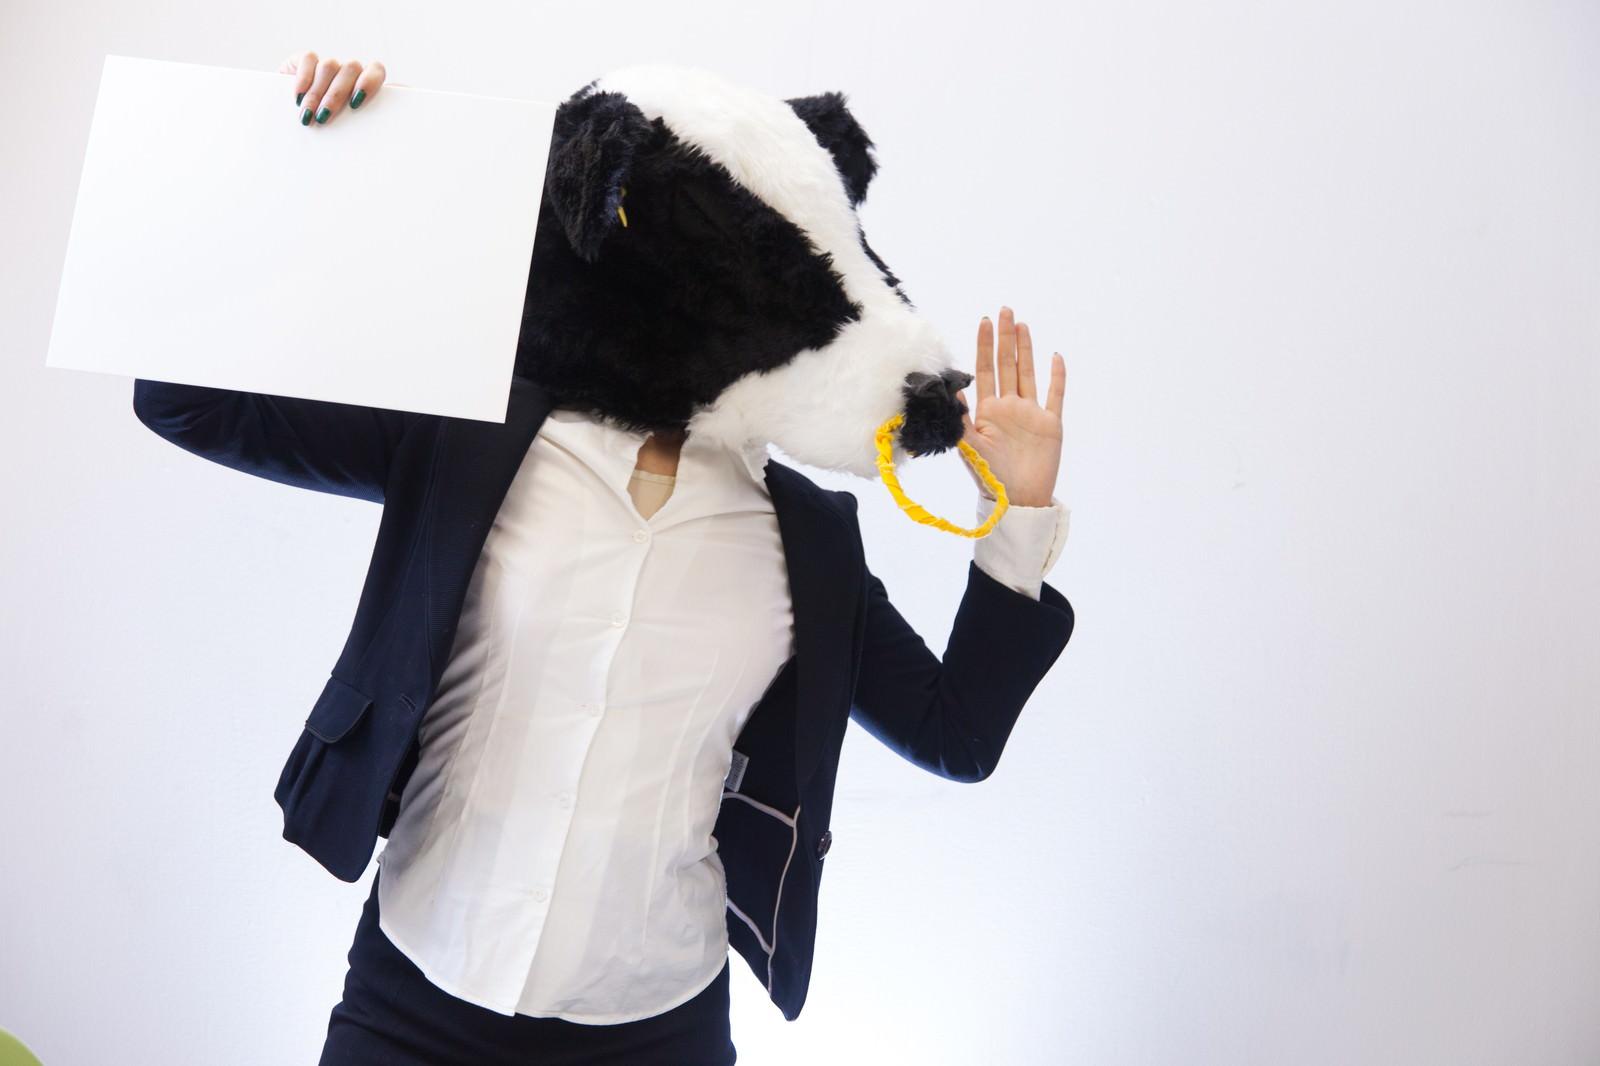 「テロップ掲げて叫ぶ牛さん」の写真[モデル:古性のっち]